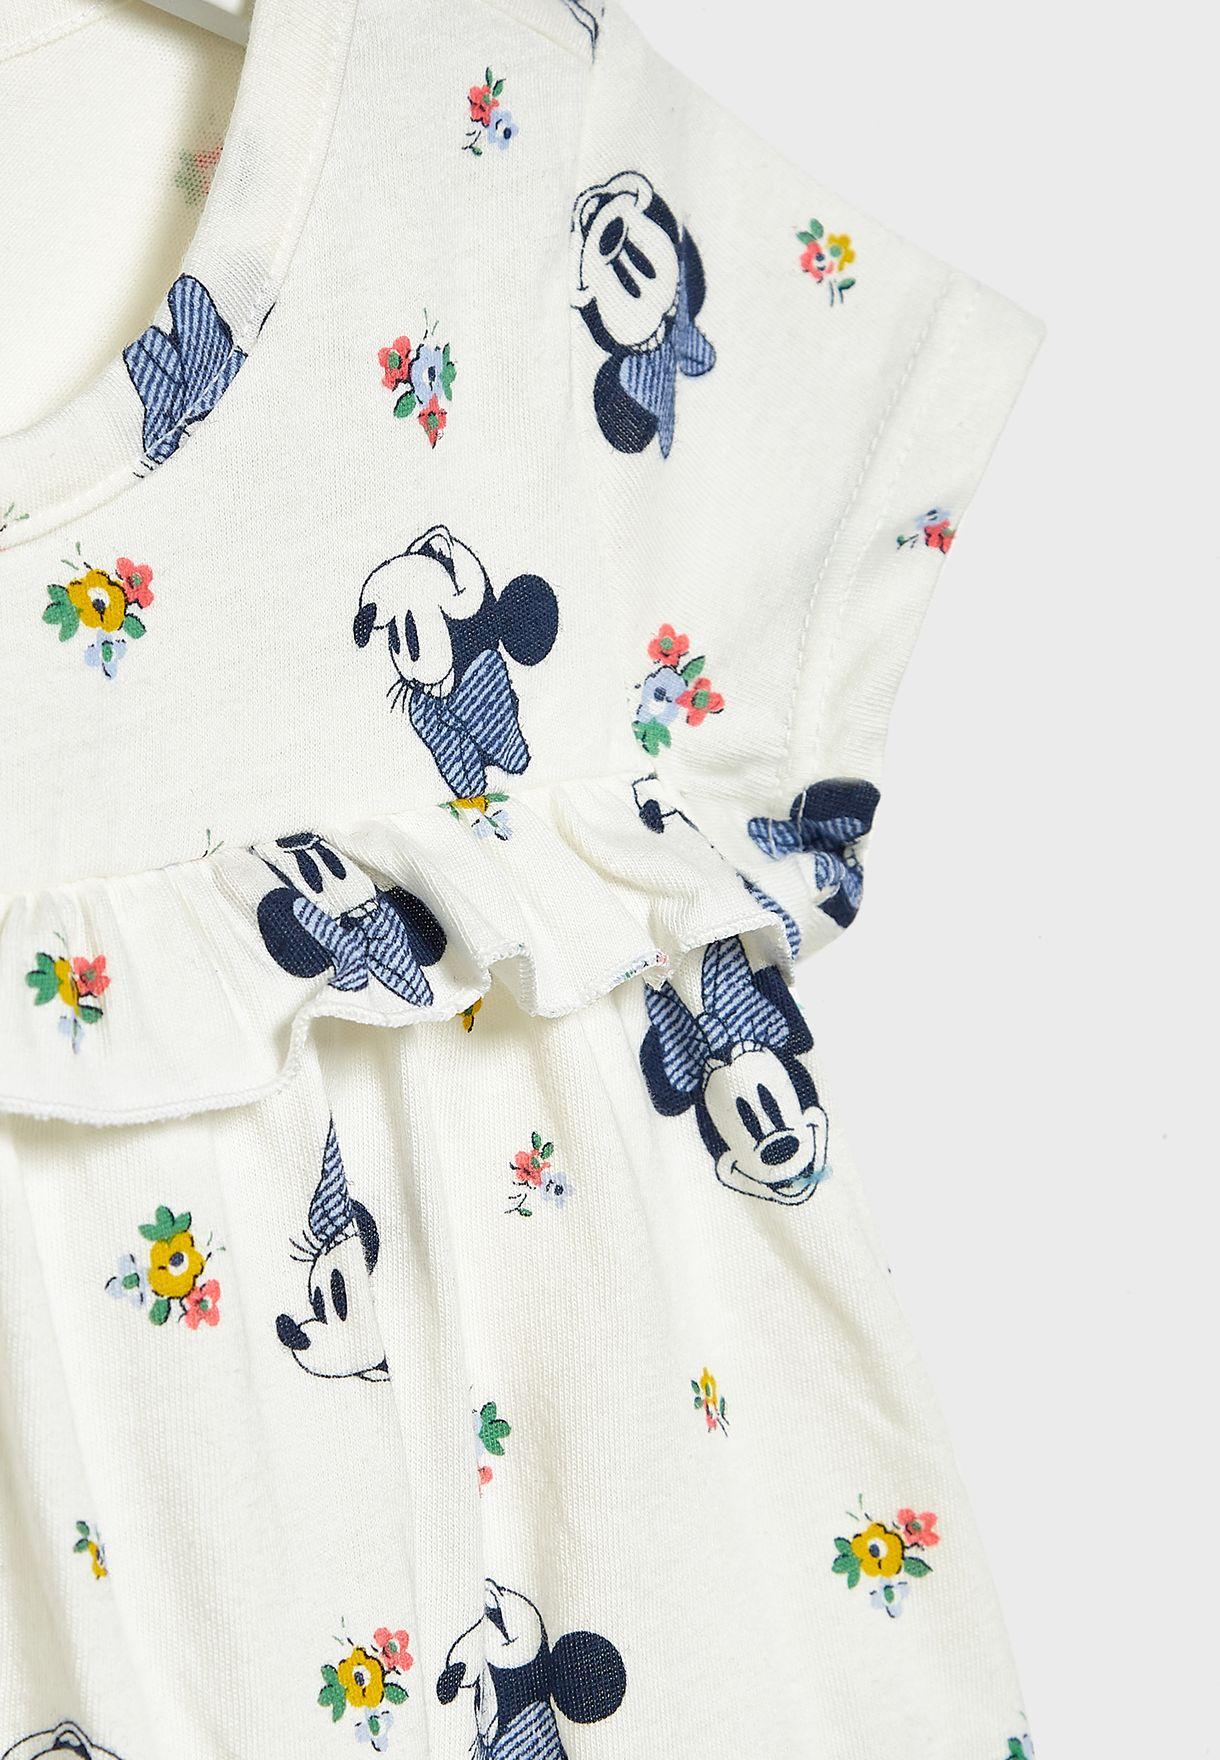 فستان بطبعات ازهار وميني ماوس